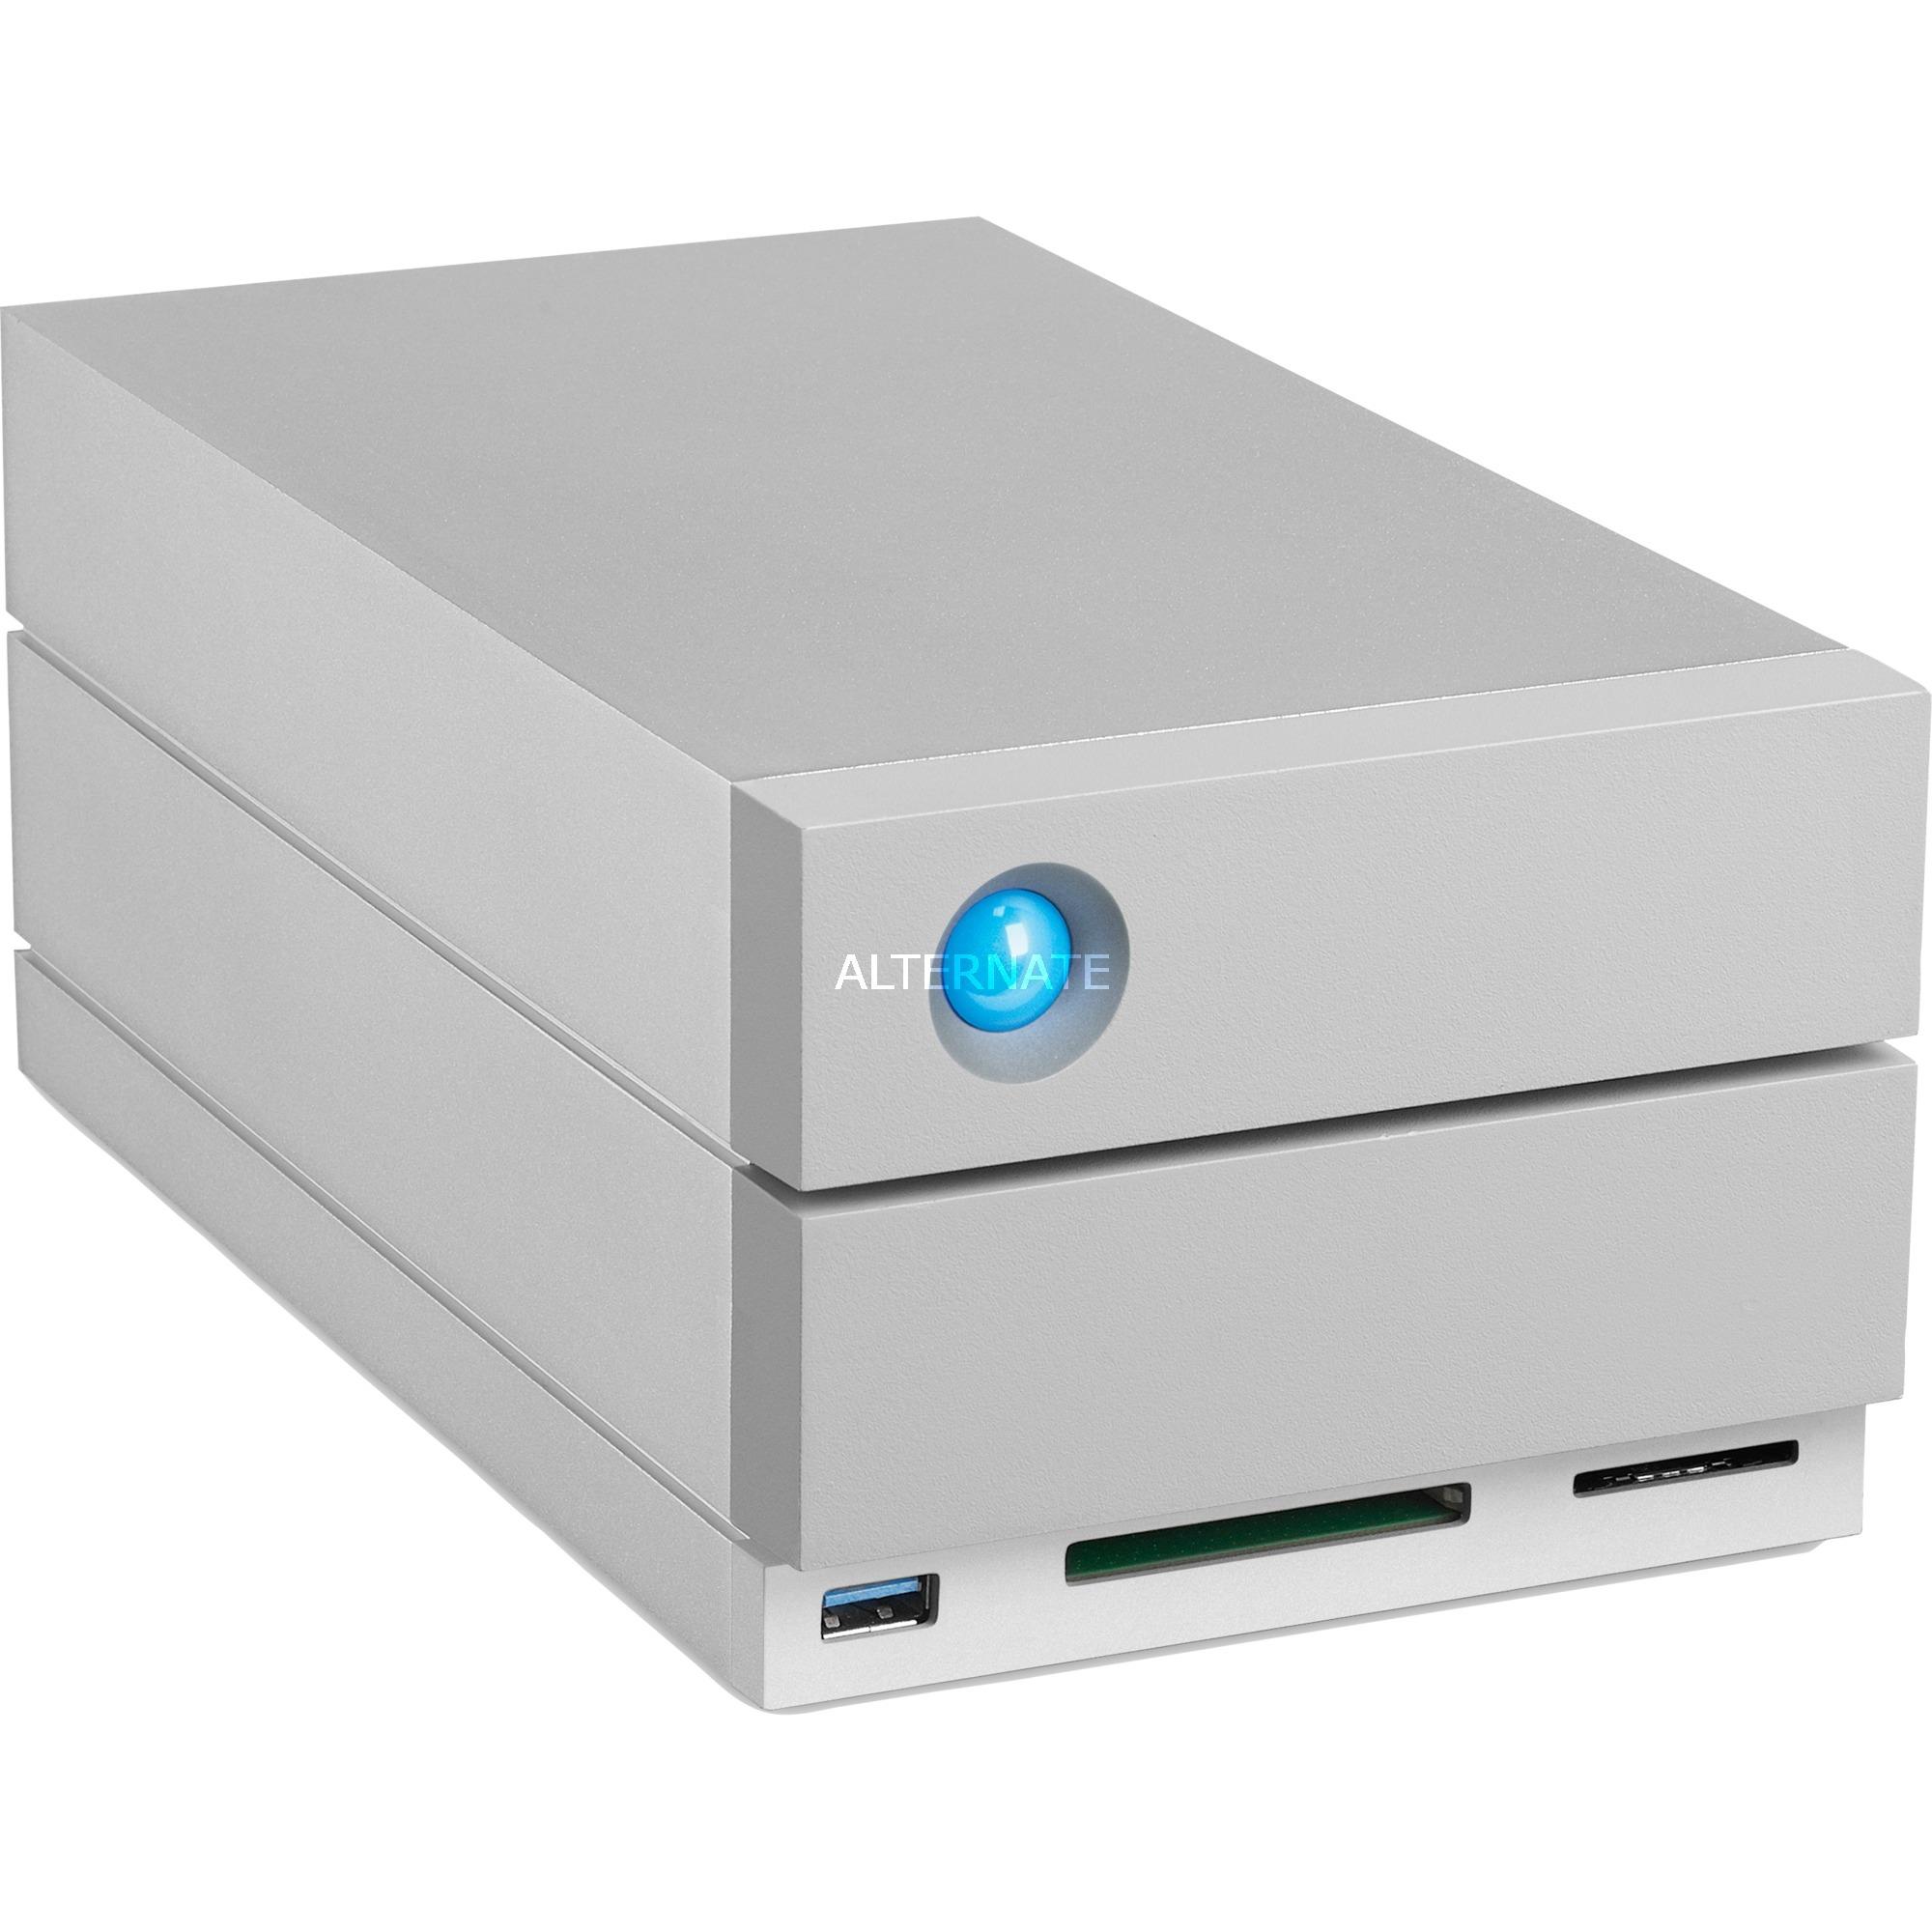 2big Dock Thunderbolt 3 12TB unidad de disco multiple Escritorio Gris, Unidad de disco duro